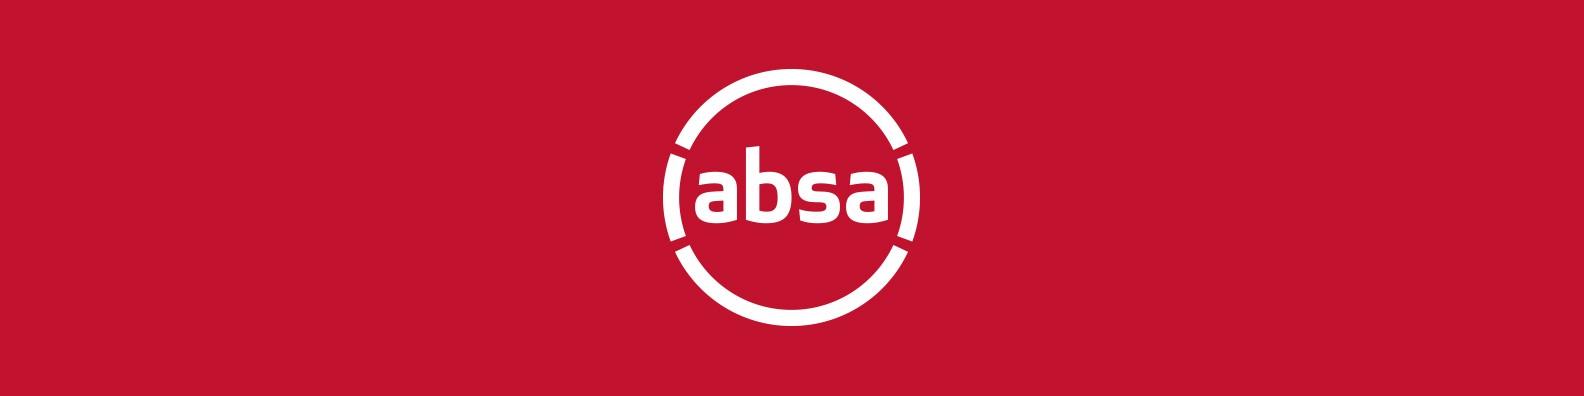 Absa Bank Kenya Branches